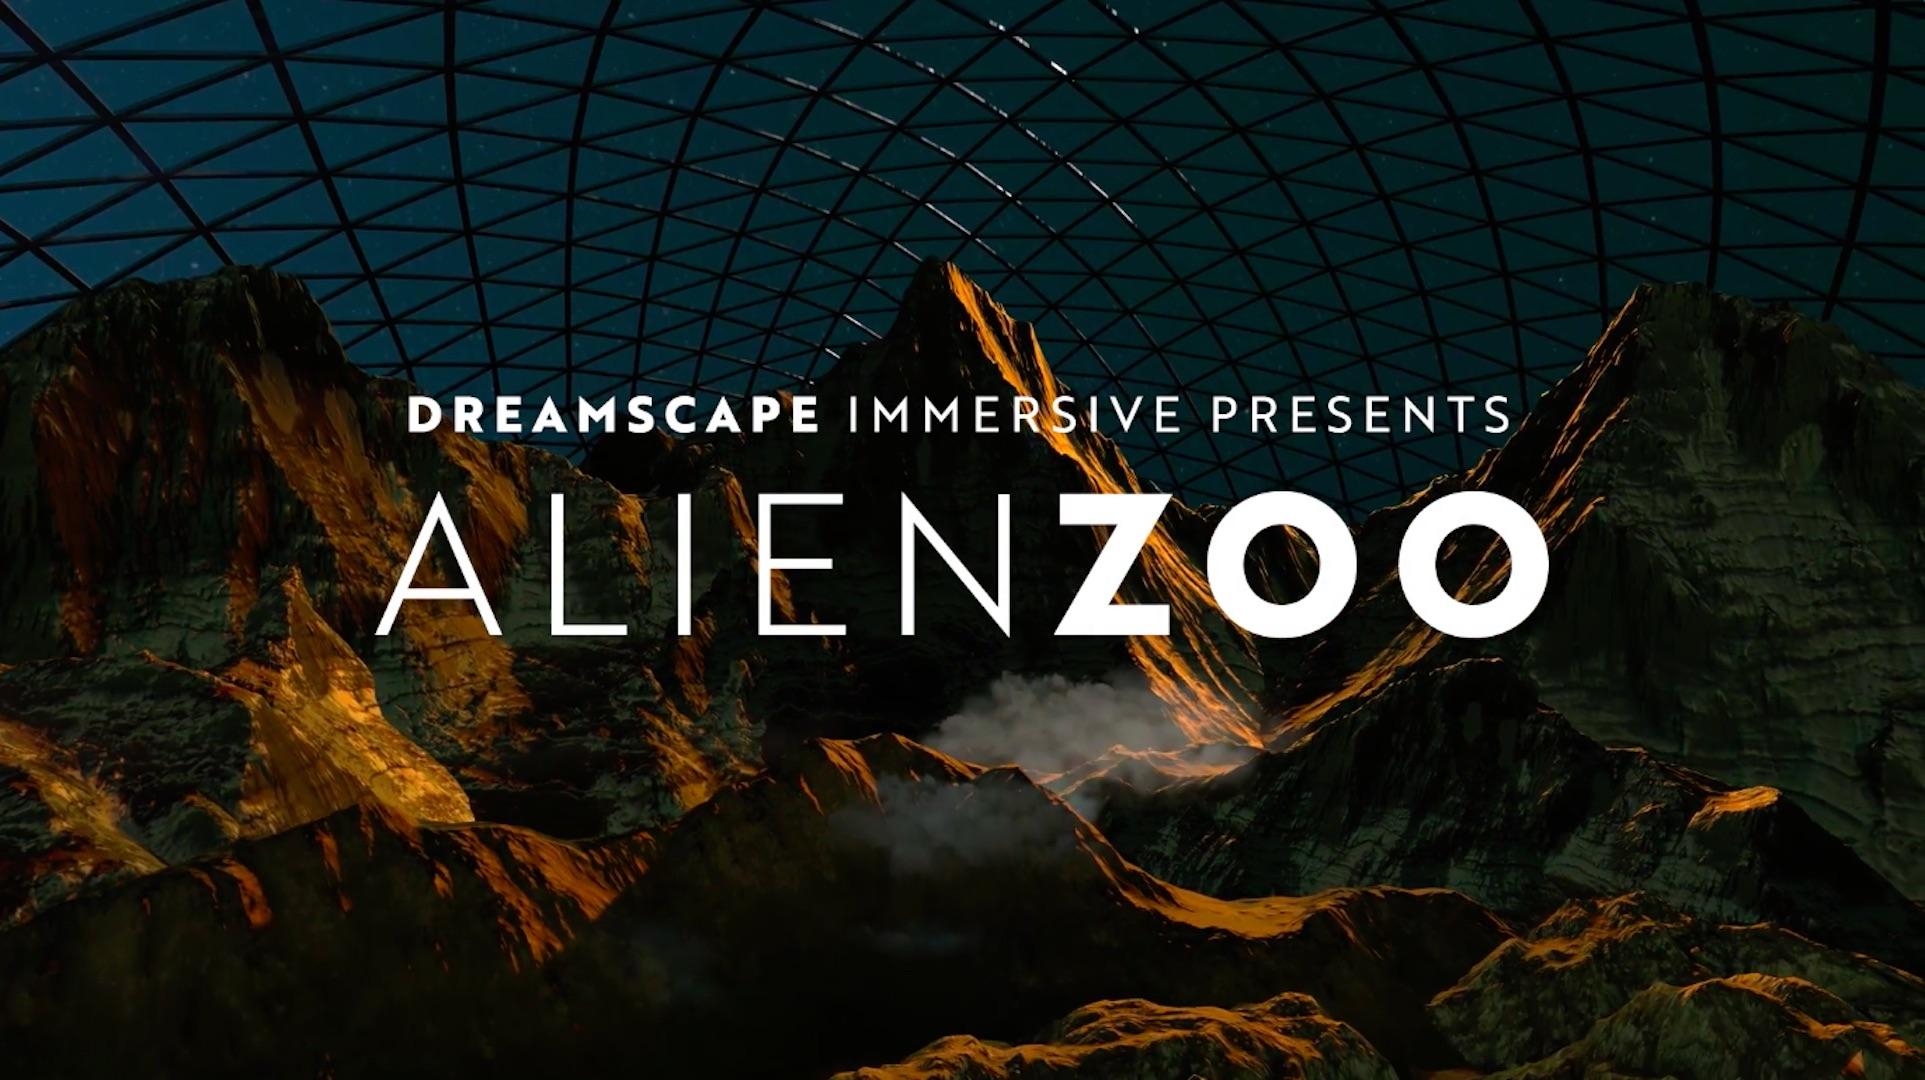 Verizon与线下娱乐创企Dreamscape Immersive合作,将利用5G开展VR教育项目